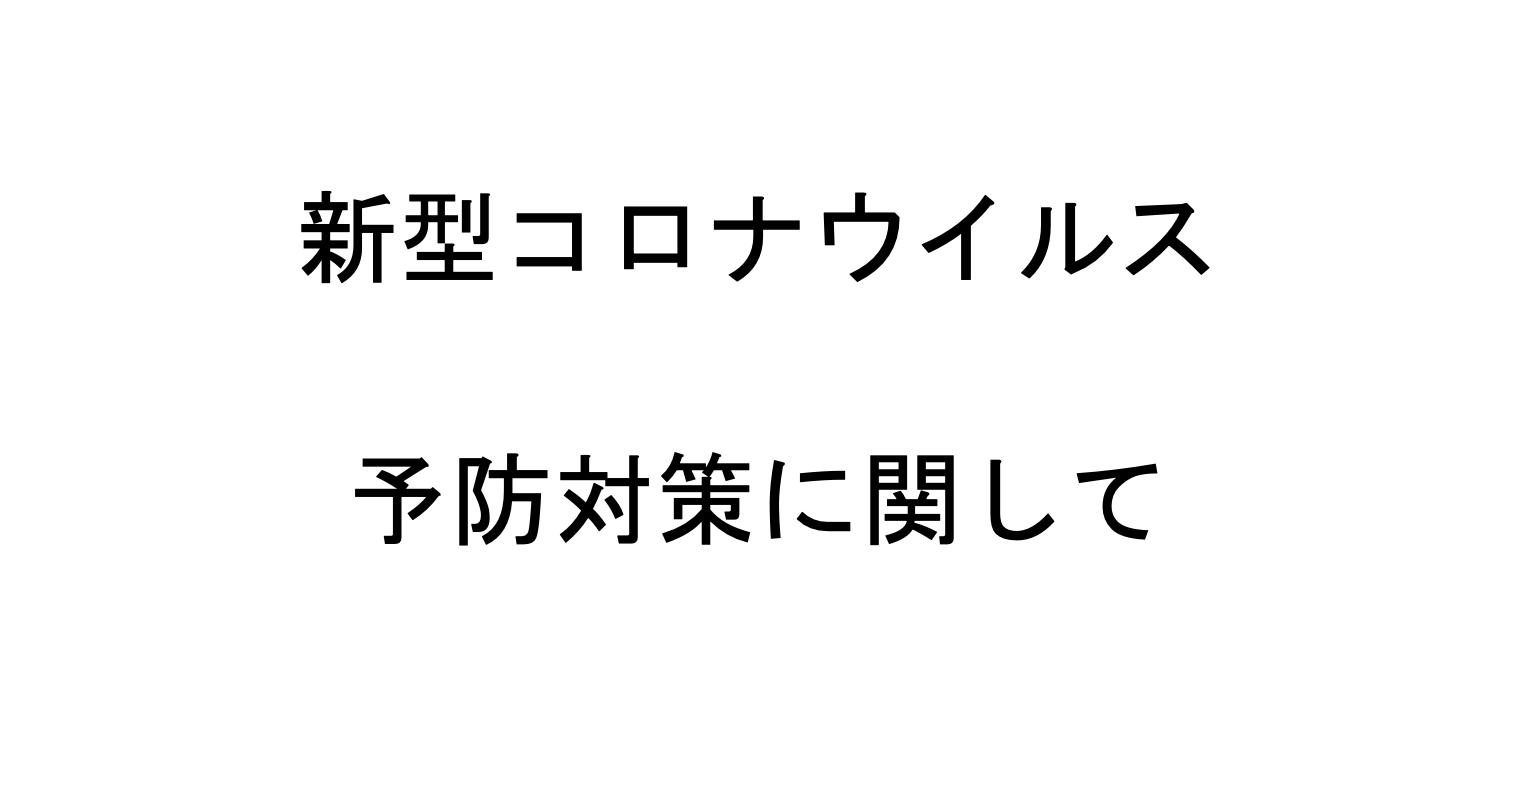 スクリーンショット 2020-04-30 16.50.01